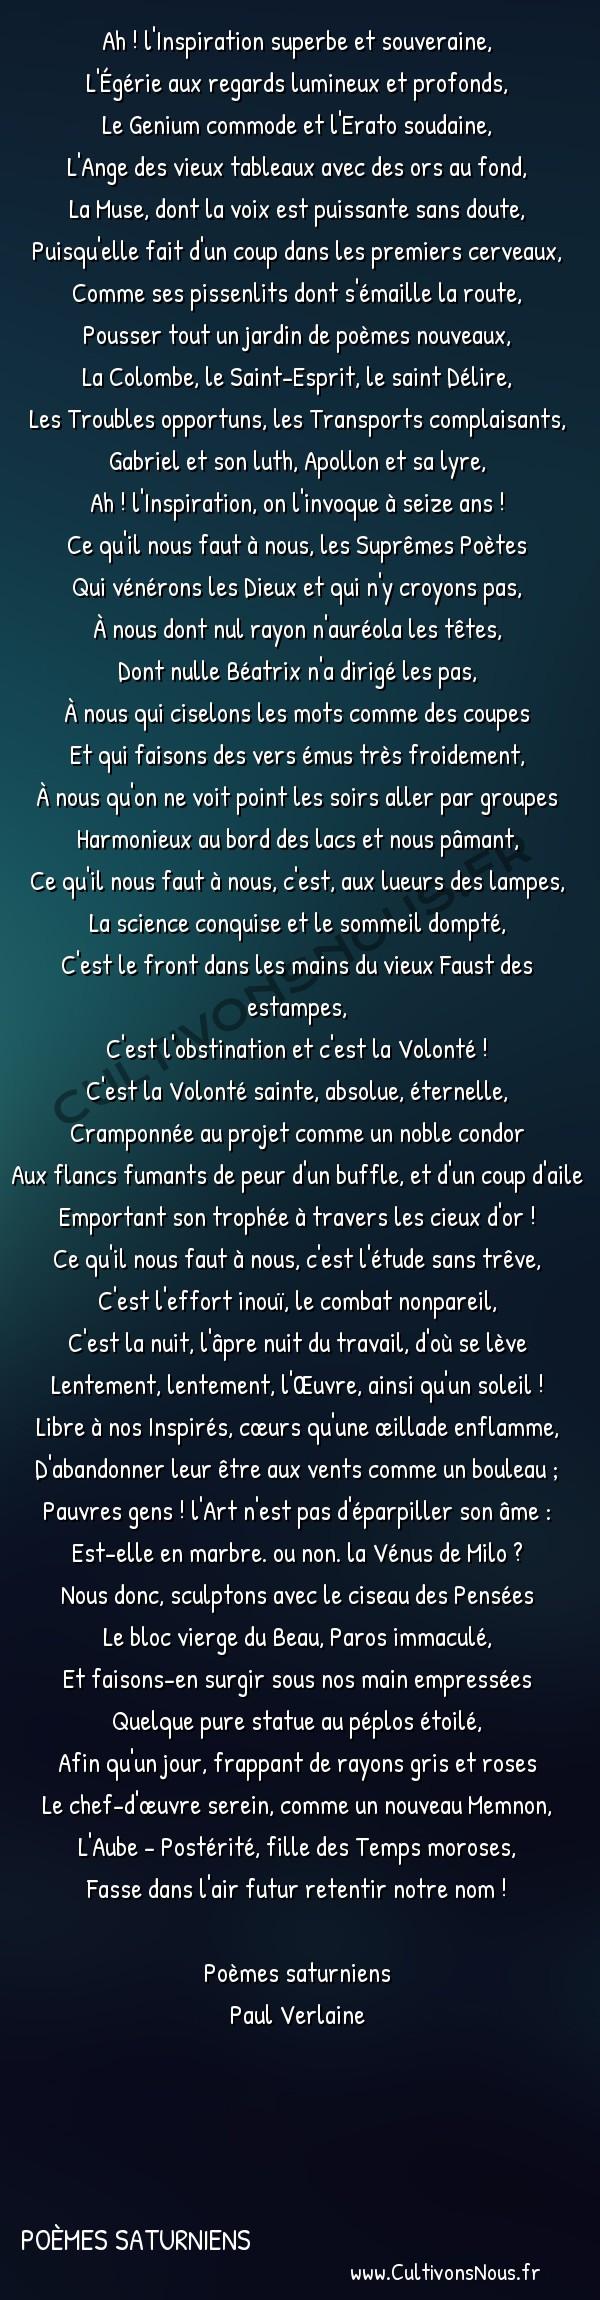 Poésie Paul Verlaine - Poèmes saturniens - Épilogue – 3 -  Ah ! l'Inspiration superbe et souveraine, L'Égérie aux regards lumineux et profonds,